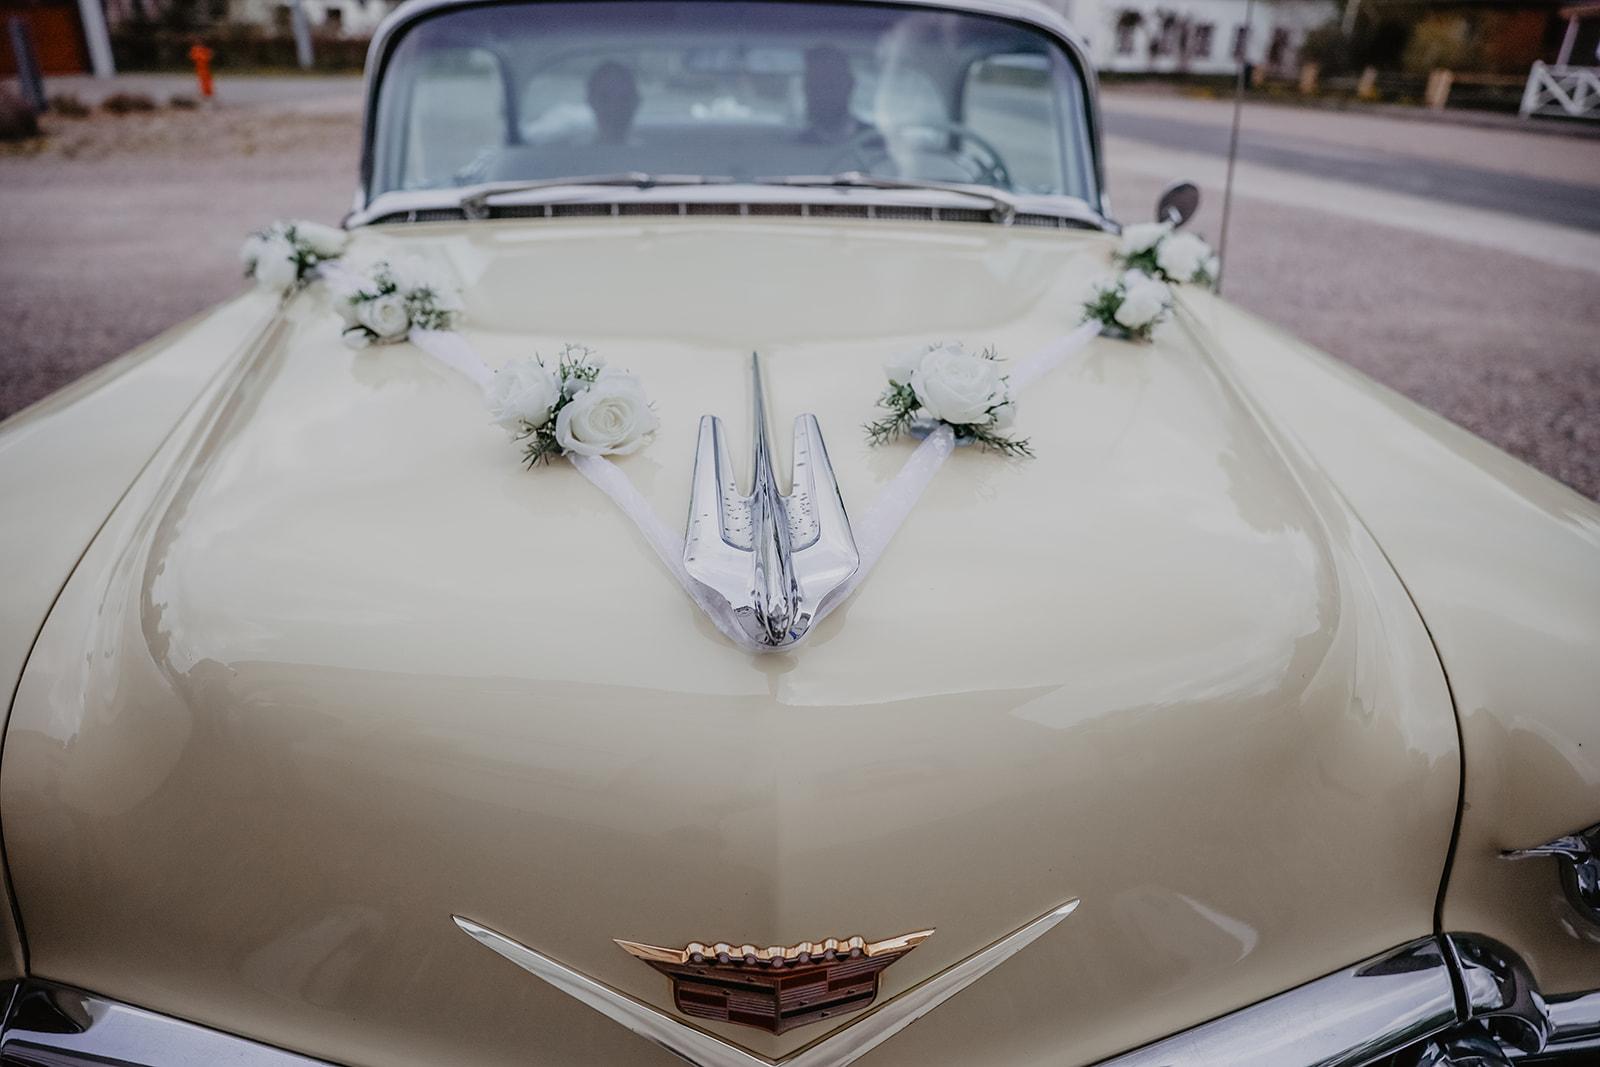 1956er Cadillac Deville mit Blumenschmuck auf der Kühlerhaube